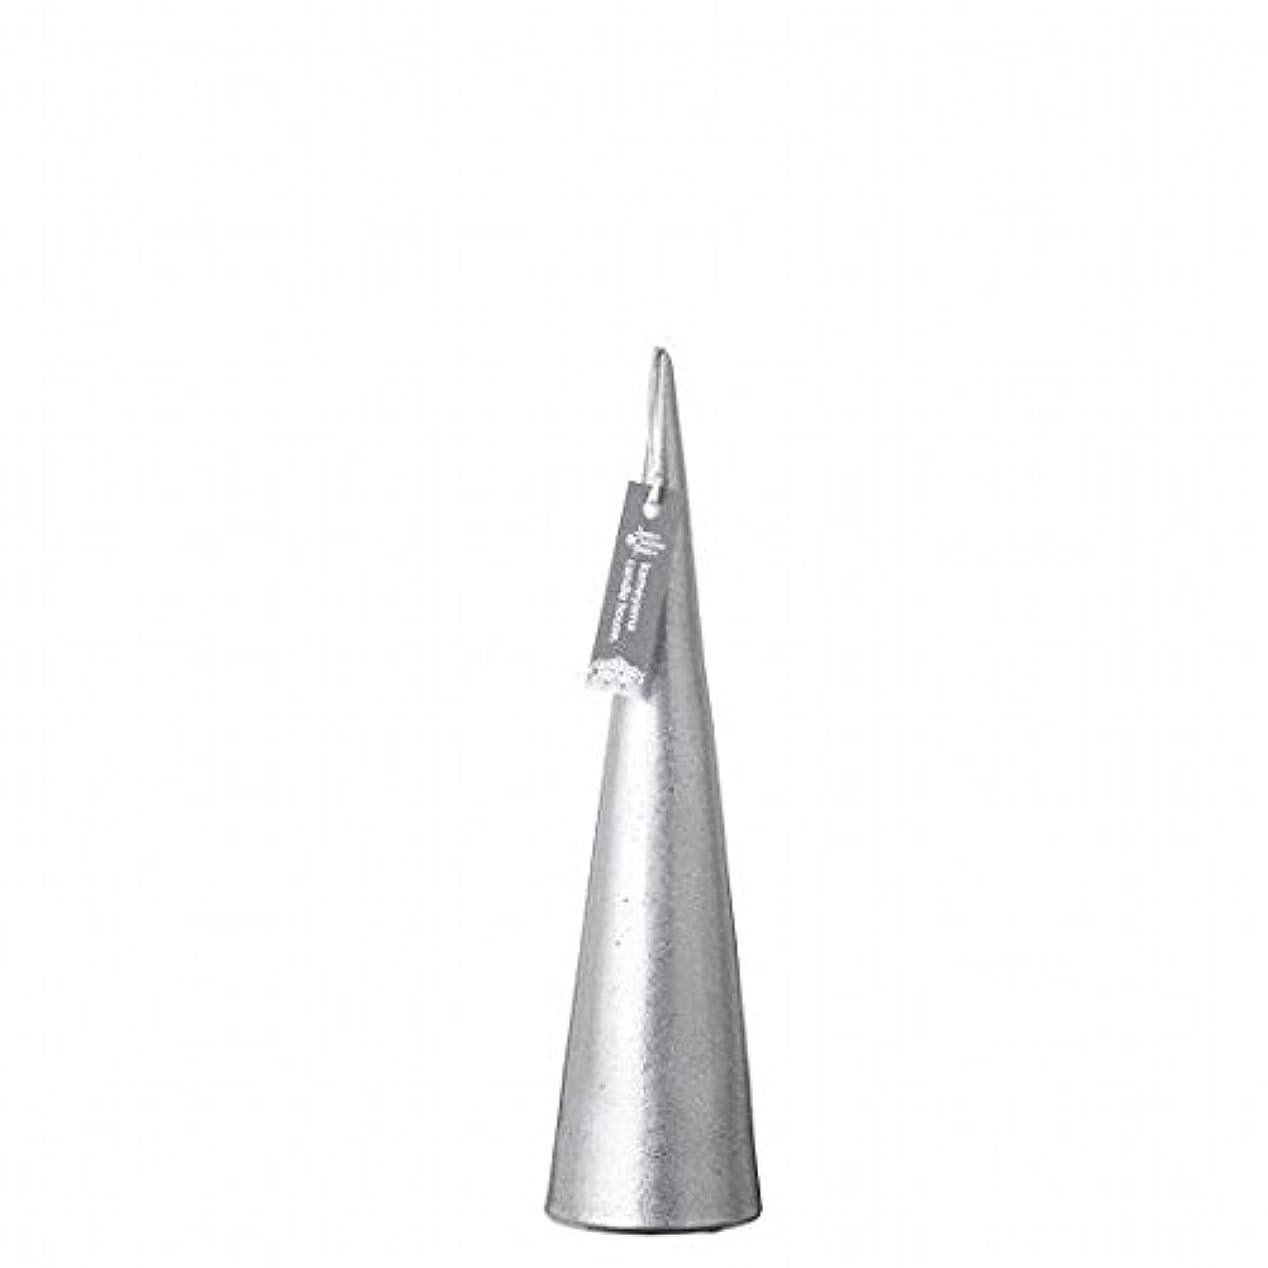 メーカー破裂想像力豊かなkameyama candle(カメヤマキャンドル) メタリックコーンM 「 シルバー 」(A9560110SI)